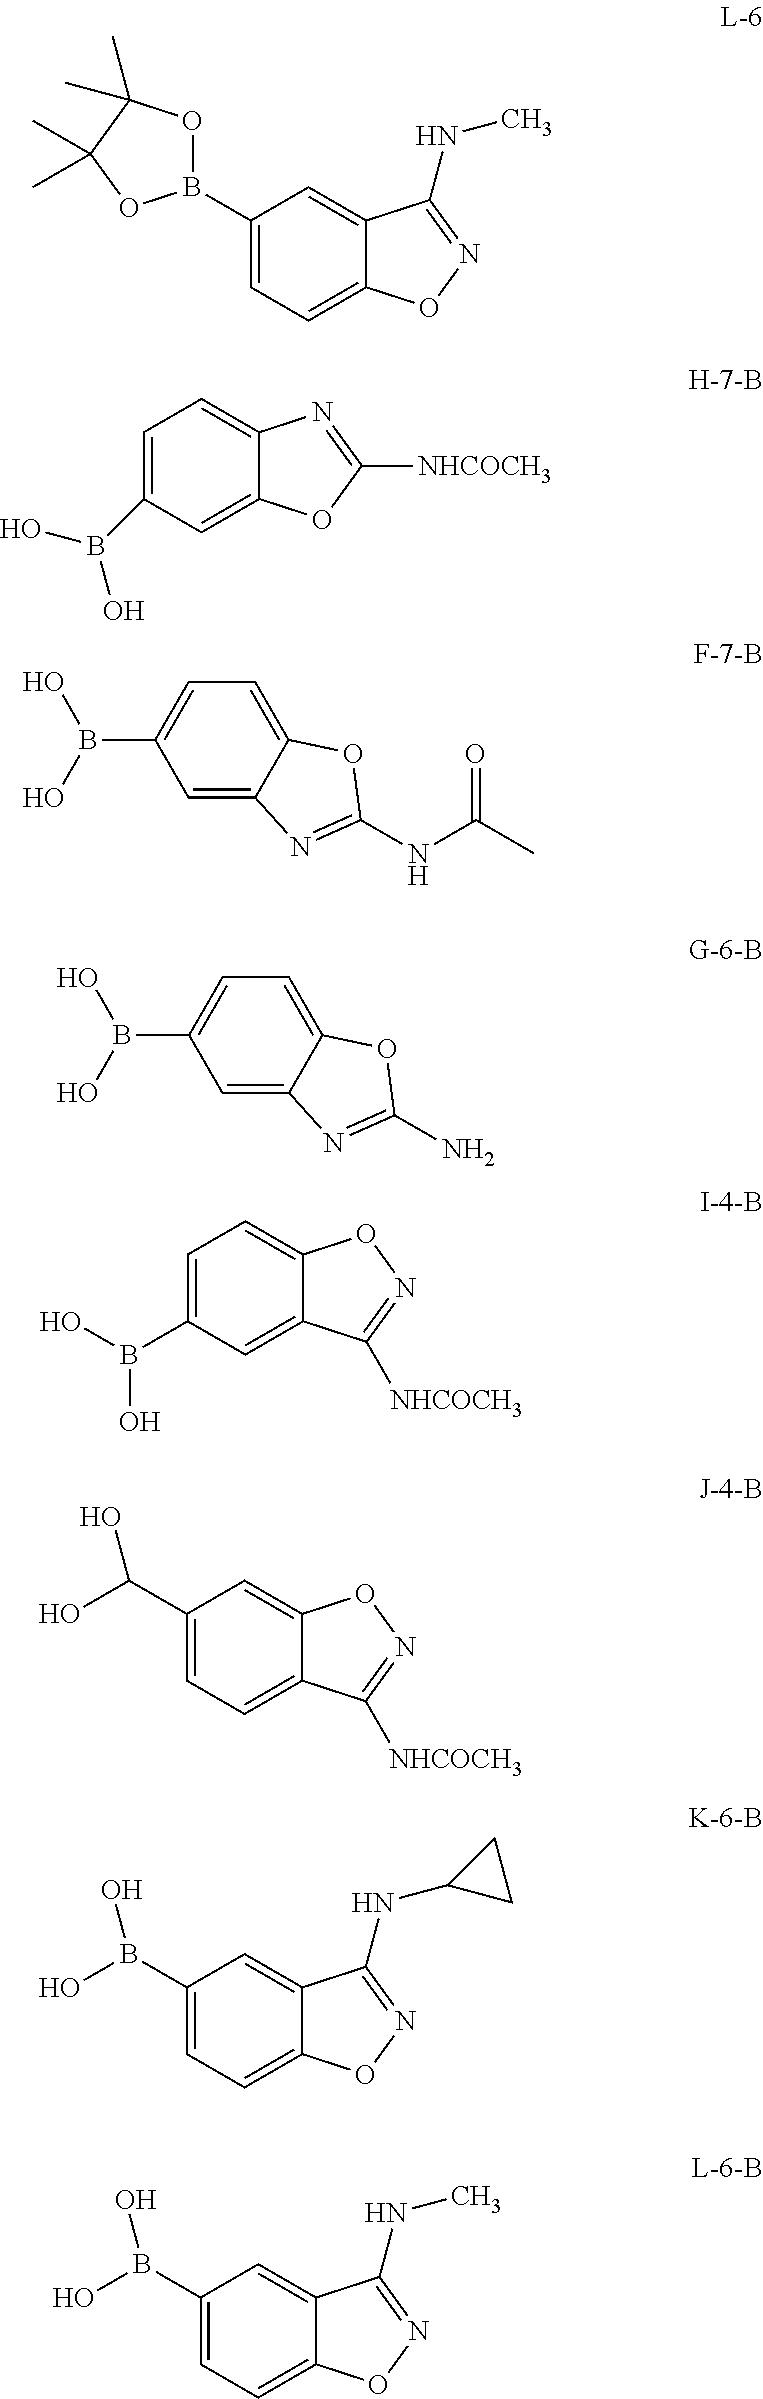 Figure US20160038497A1-20160211-C00057